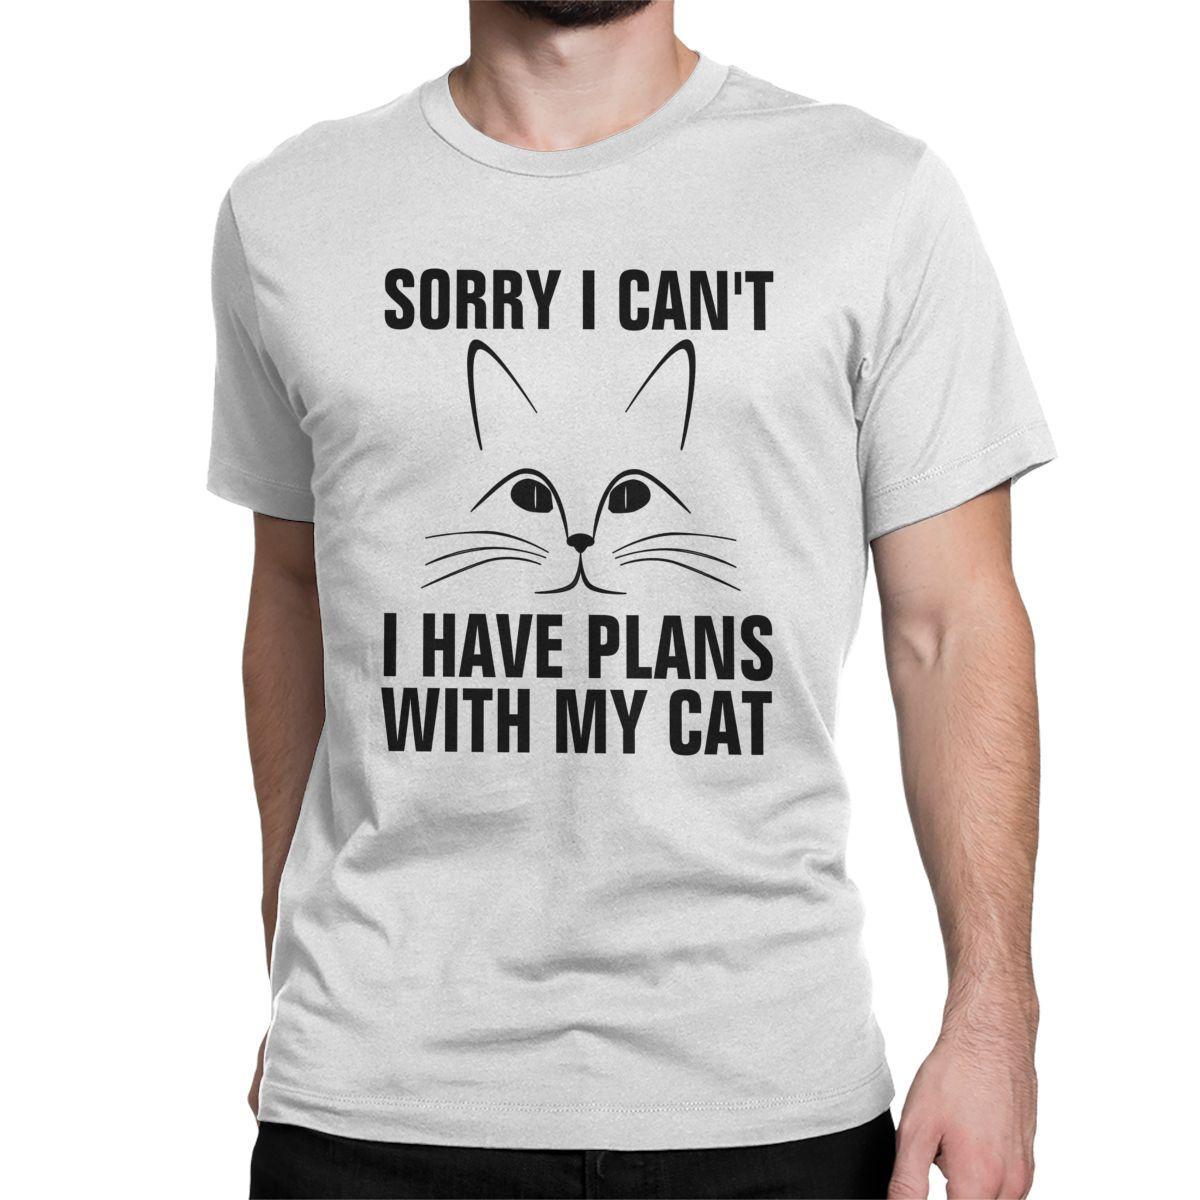 En este momento no puedo camiseta Tengo planes con mi gato Hombres camiseta divertida manga corta cuello redondo Camisetas 100% algodón idea de regalo Tops